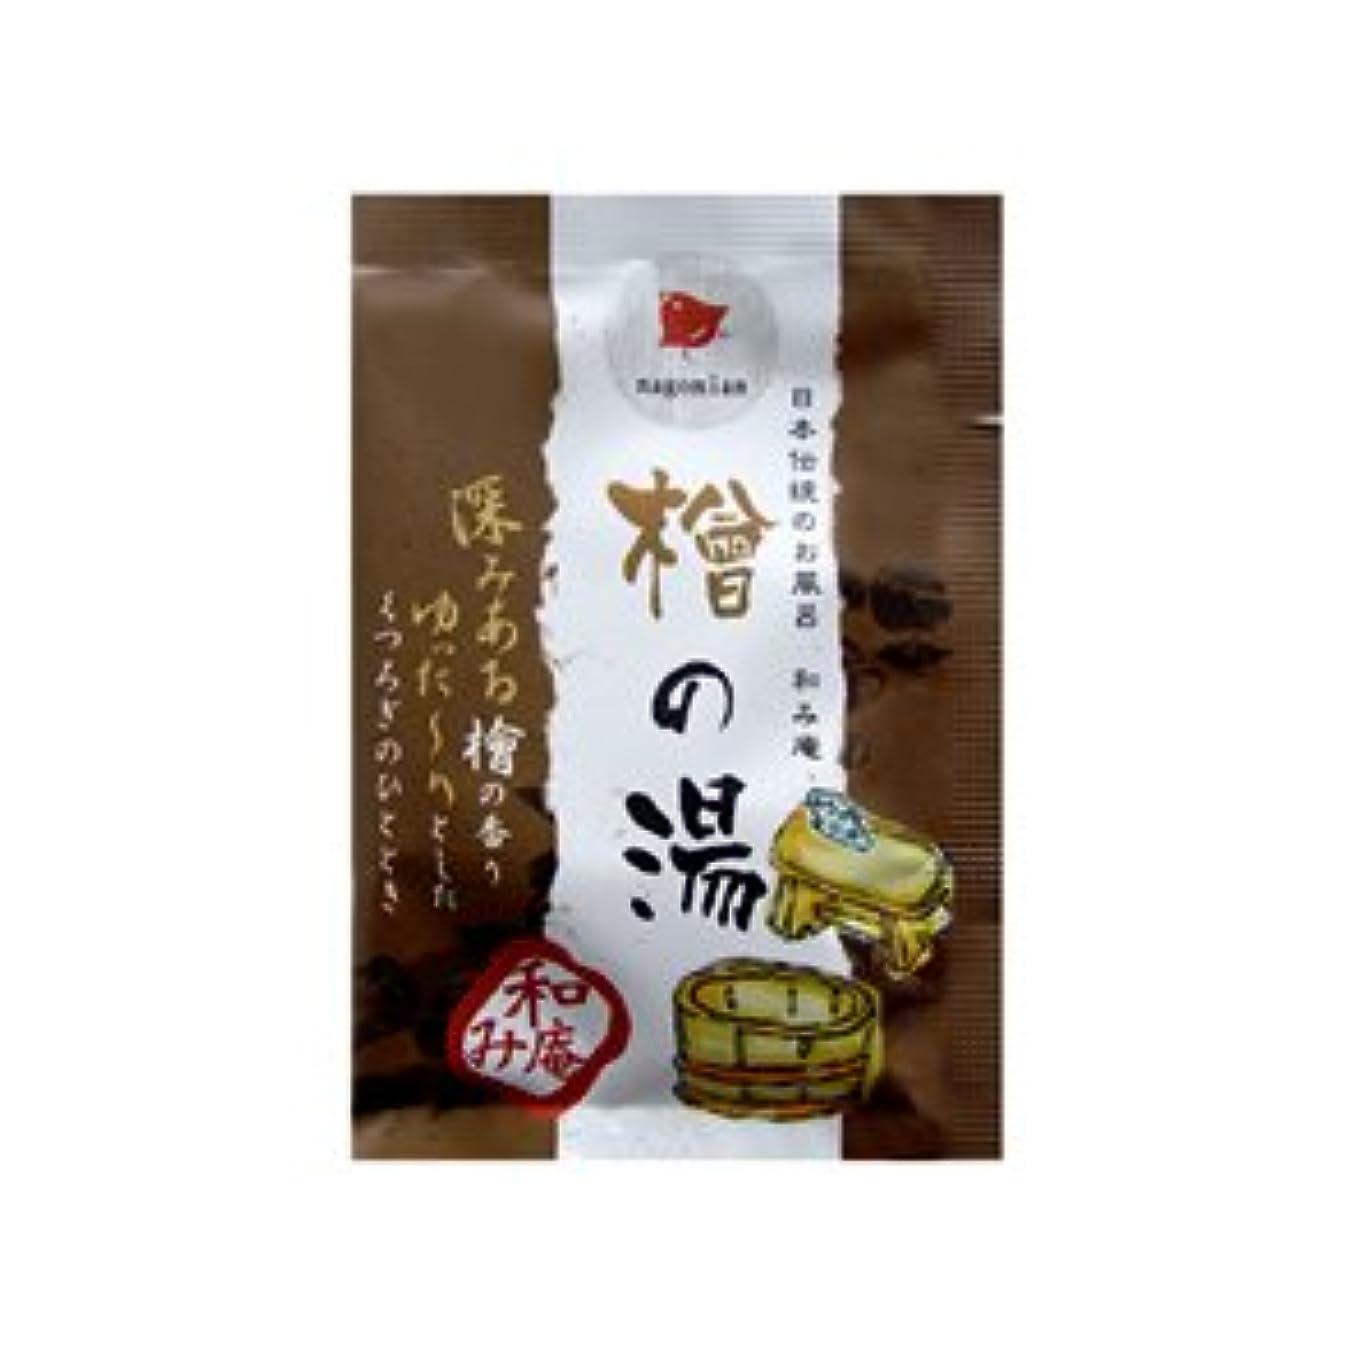 香りデコードする後世日本伝統のお風呂 和み庵 檜の湯 25g 5個セット